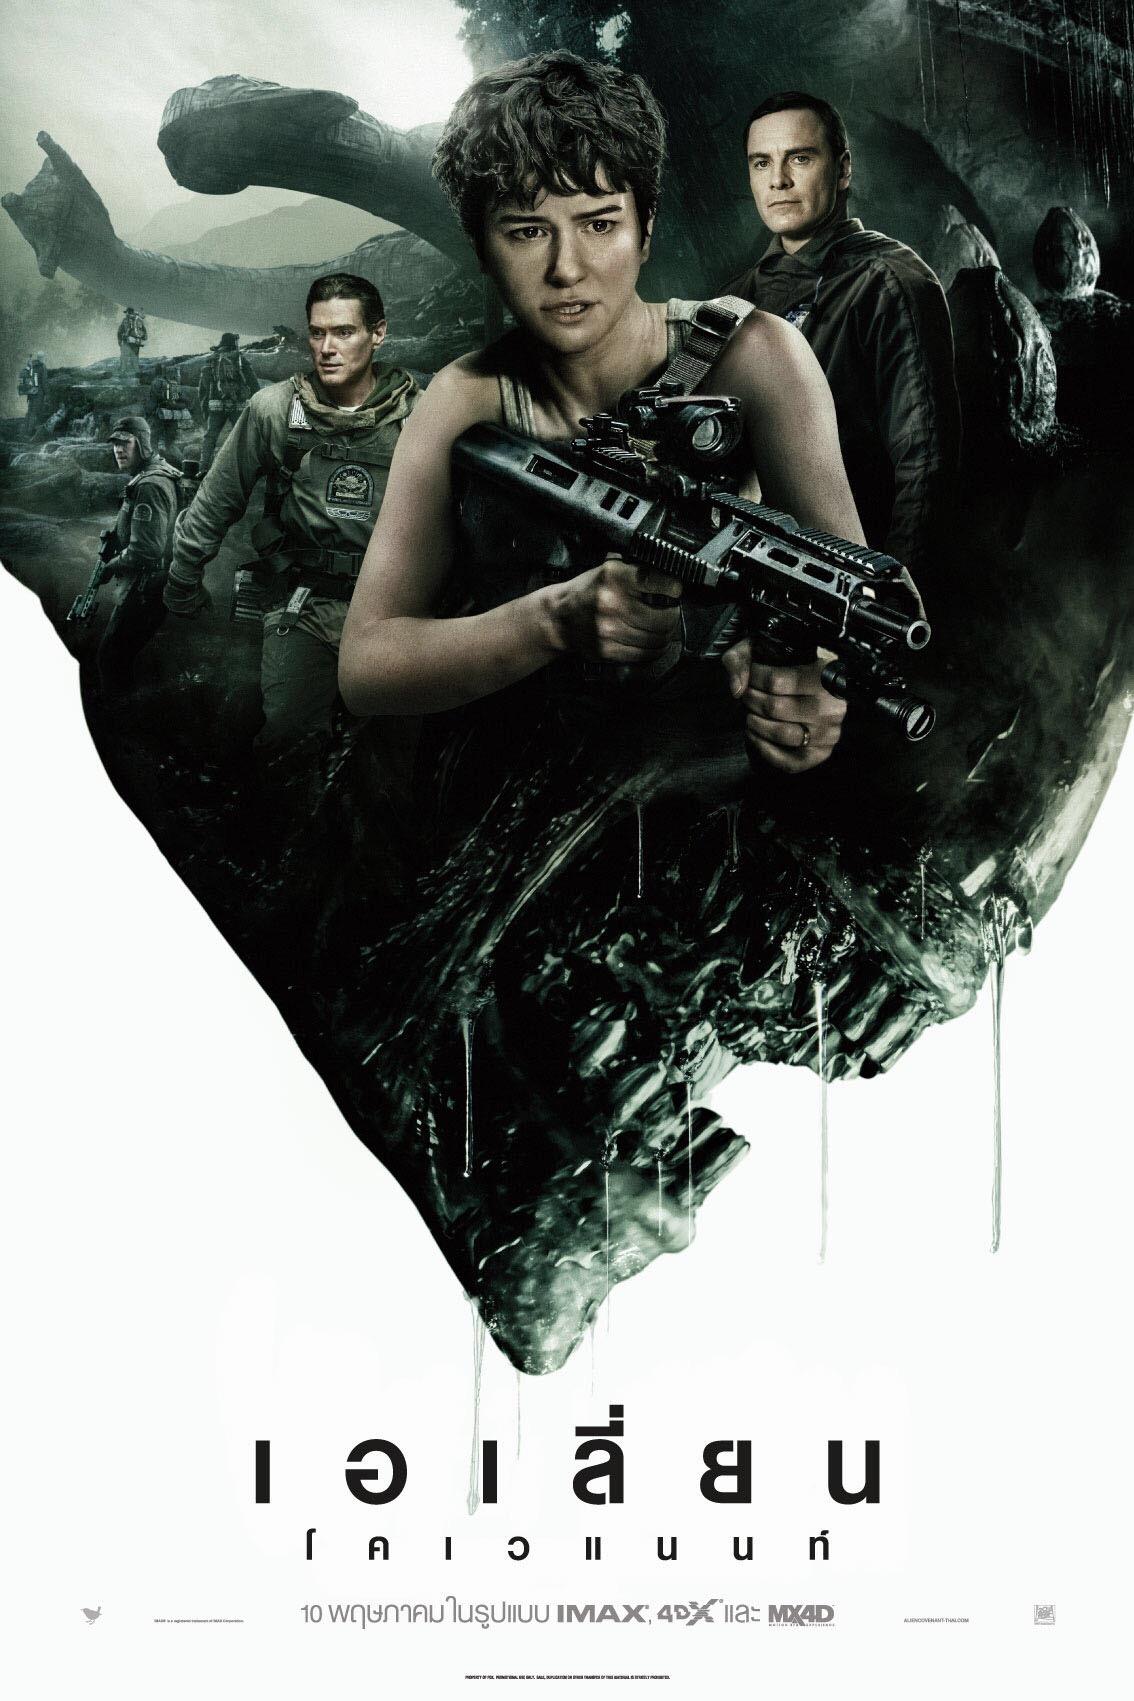 แดเนียลส์สู้ยิบตาในคลิปล่าสุดจากภาพยนตร์ Alien: Covenant เข้าฉาย 10 พฤษภาคม ในโรงภาพยนตร์